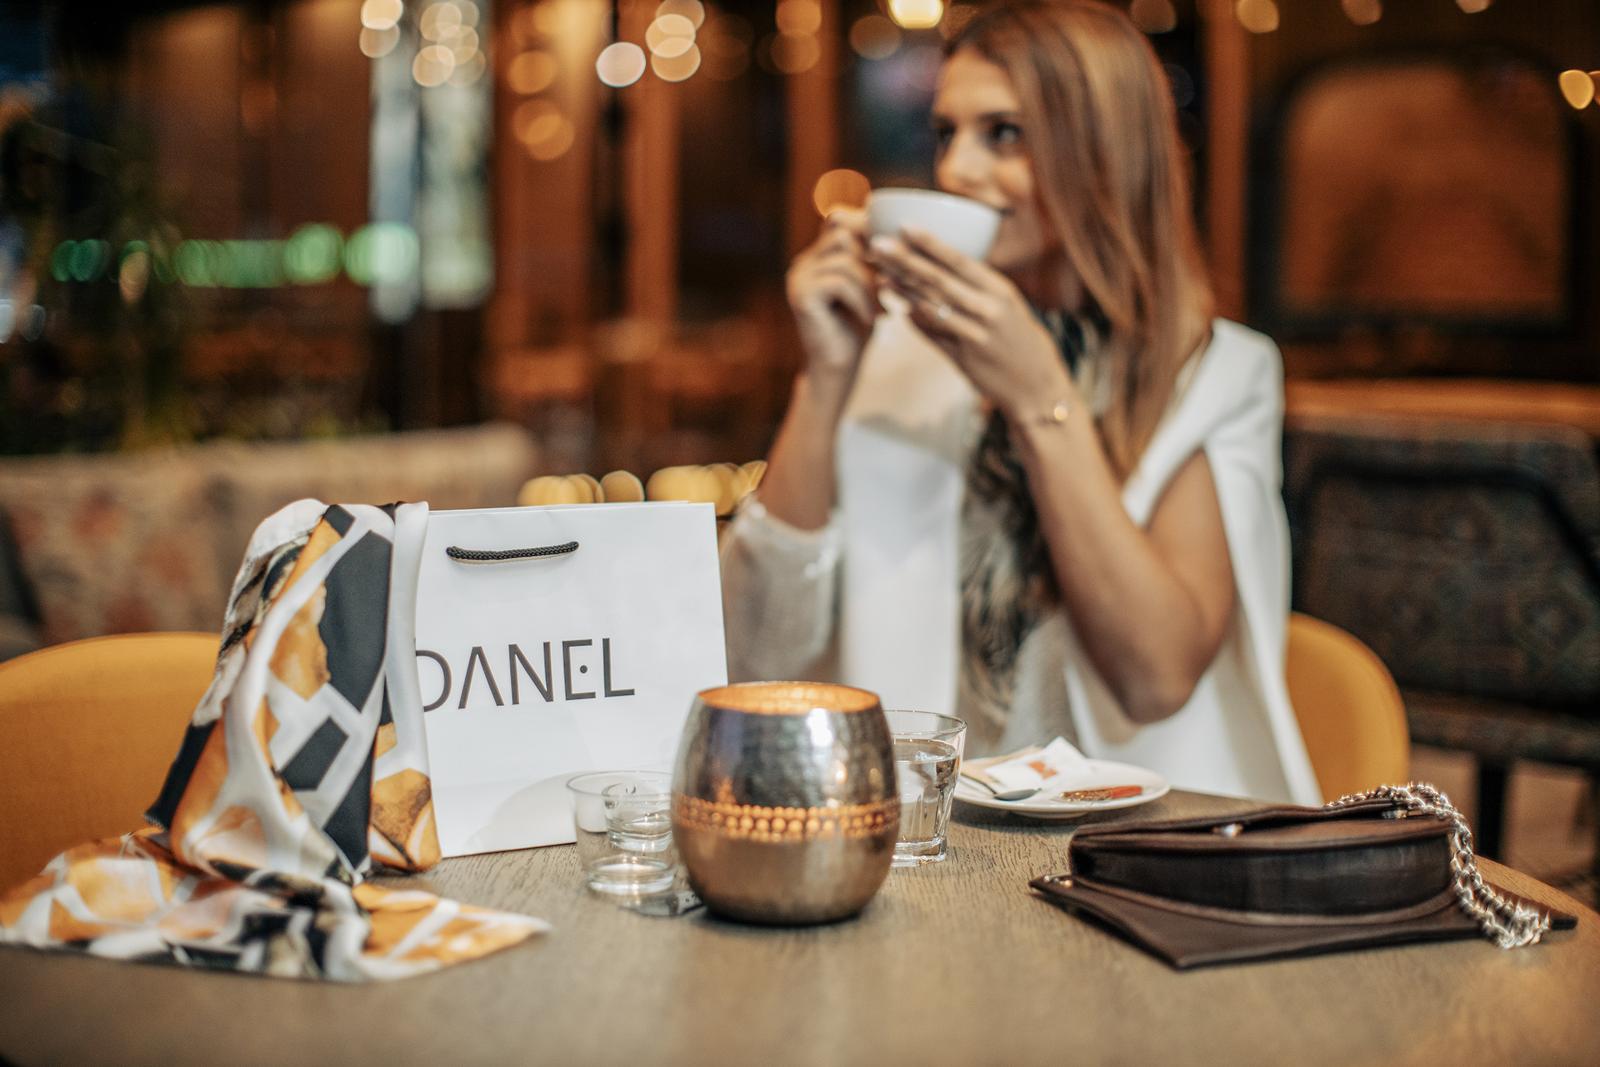 Danel